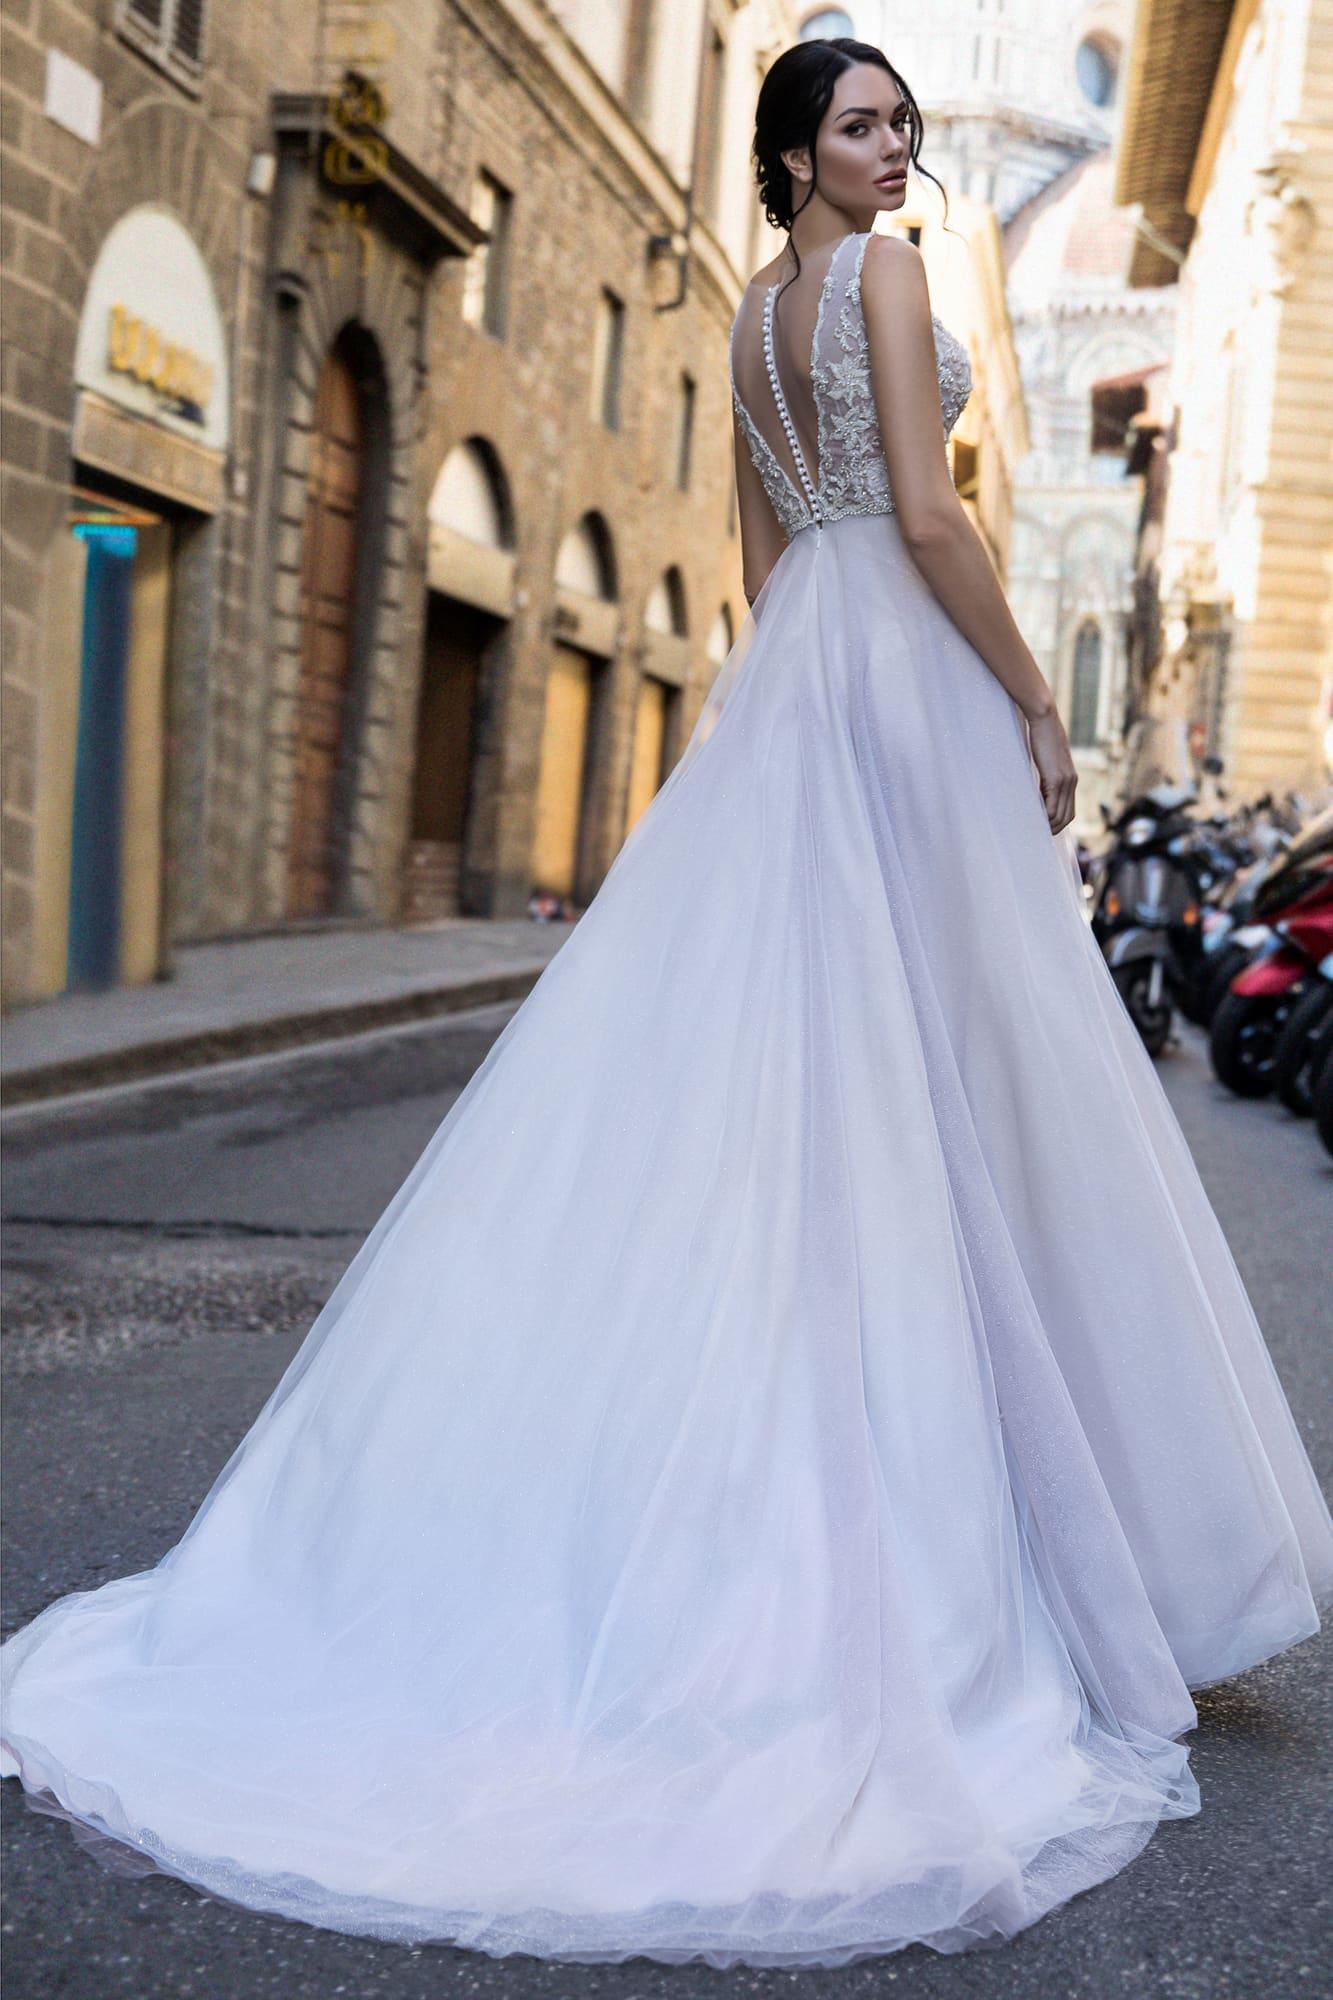 Прямое свадебное платье с соблазнительным лифом с бисерным декором и вырезом.